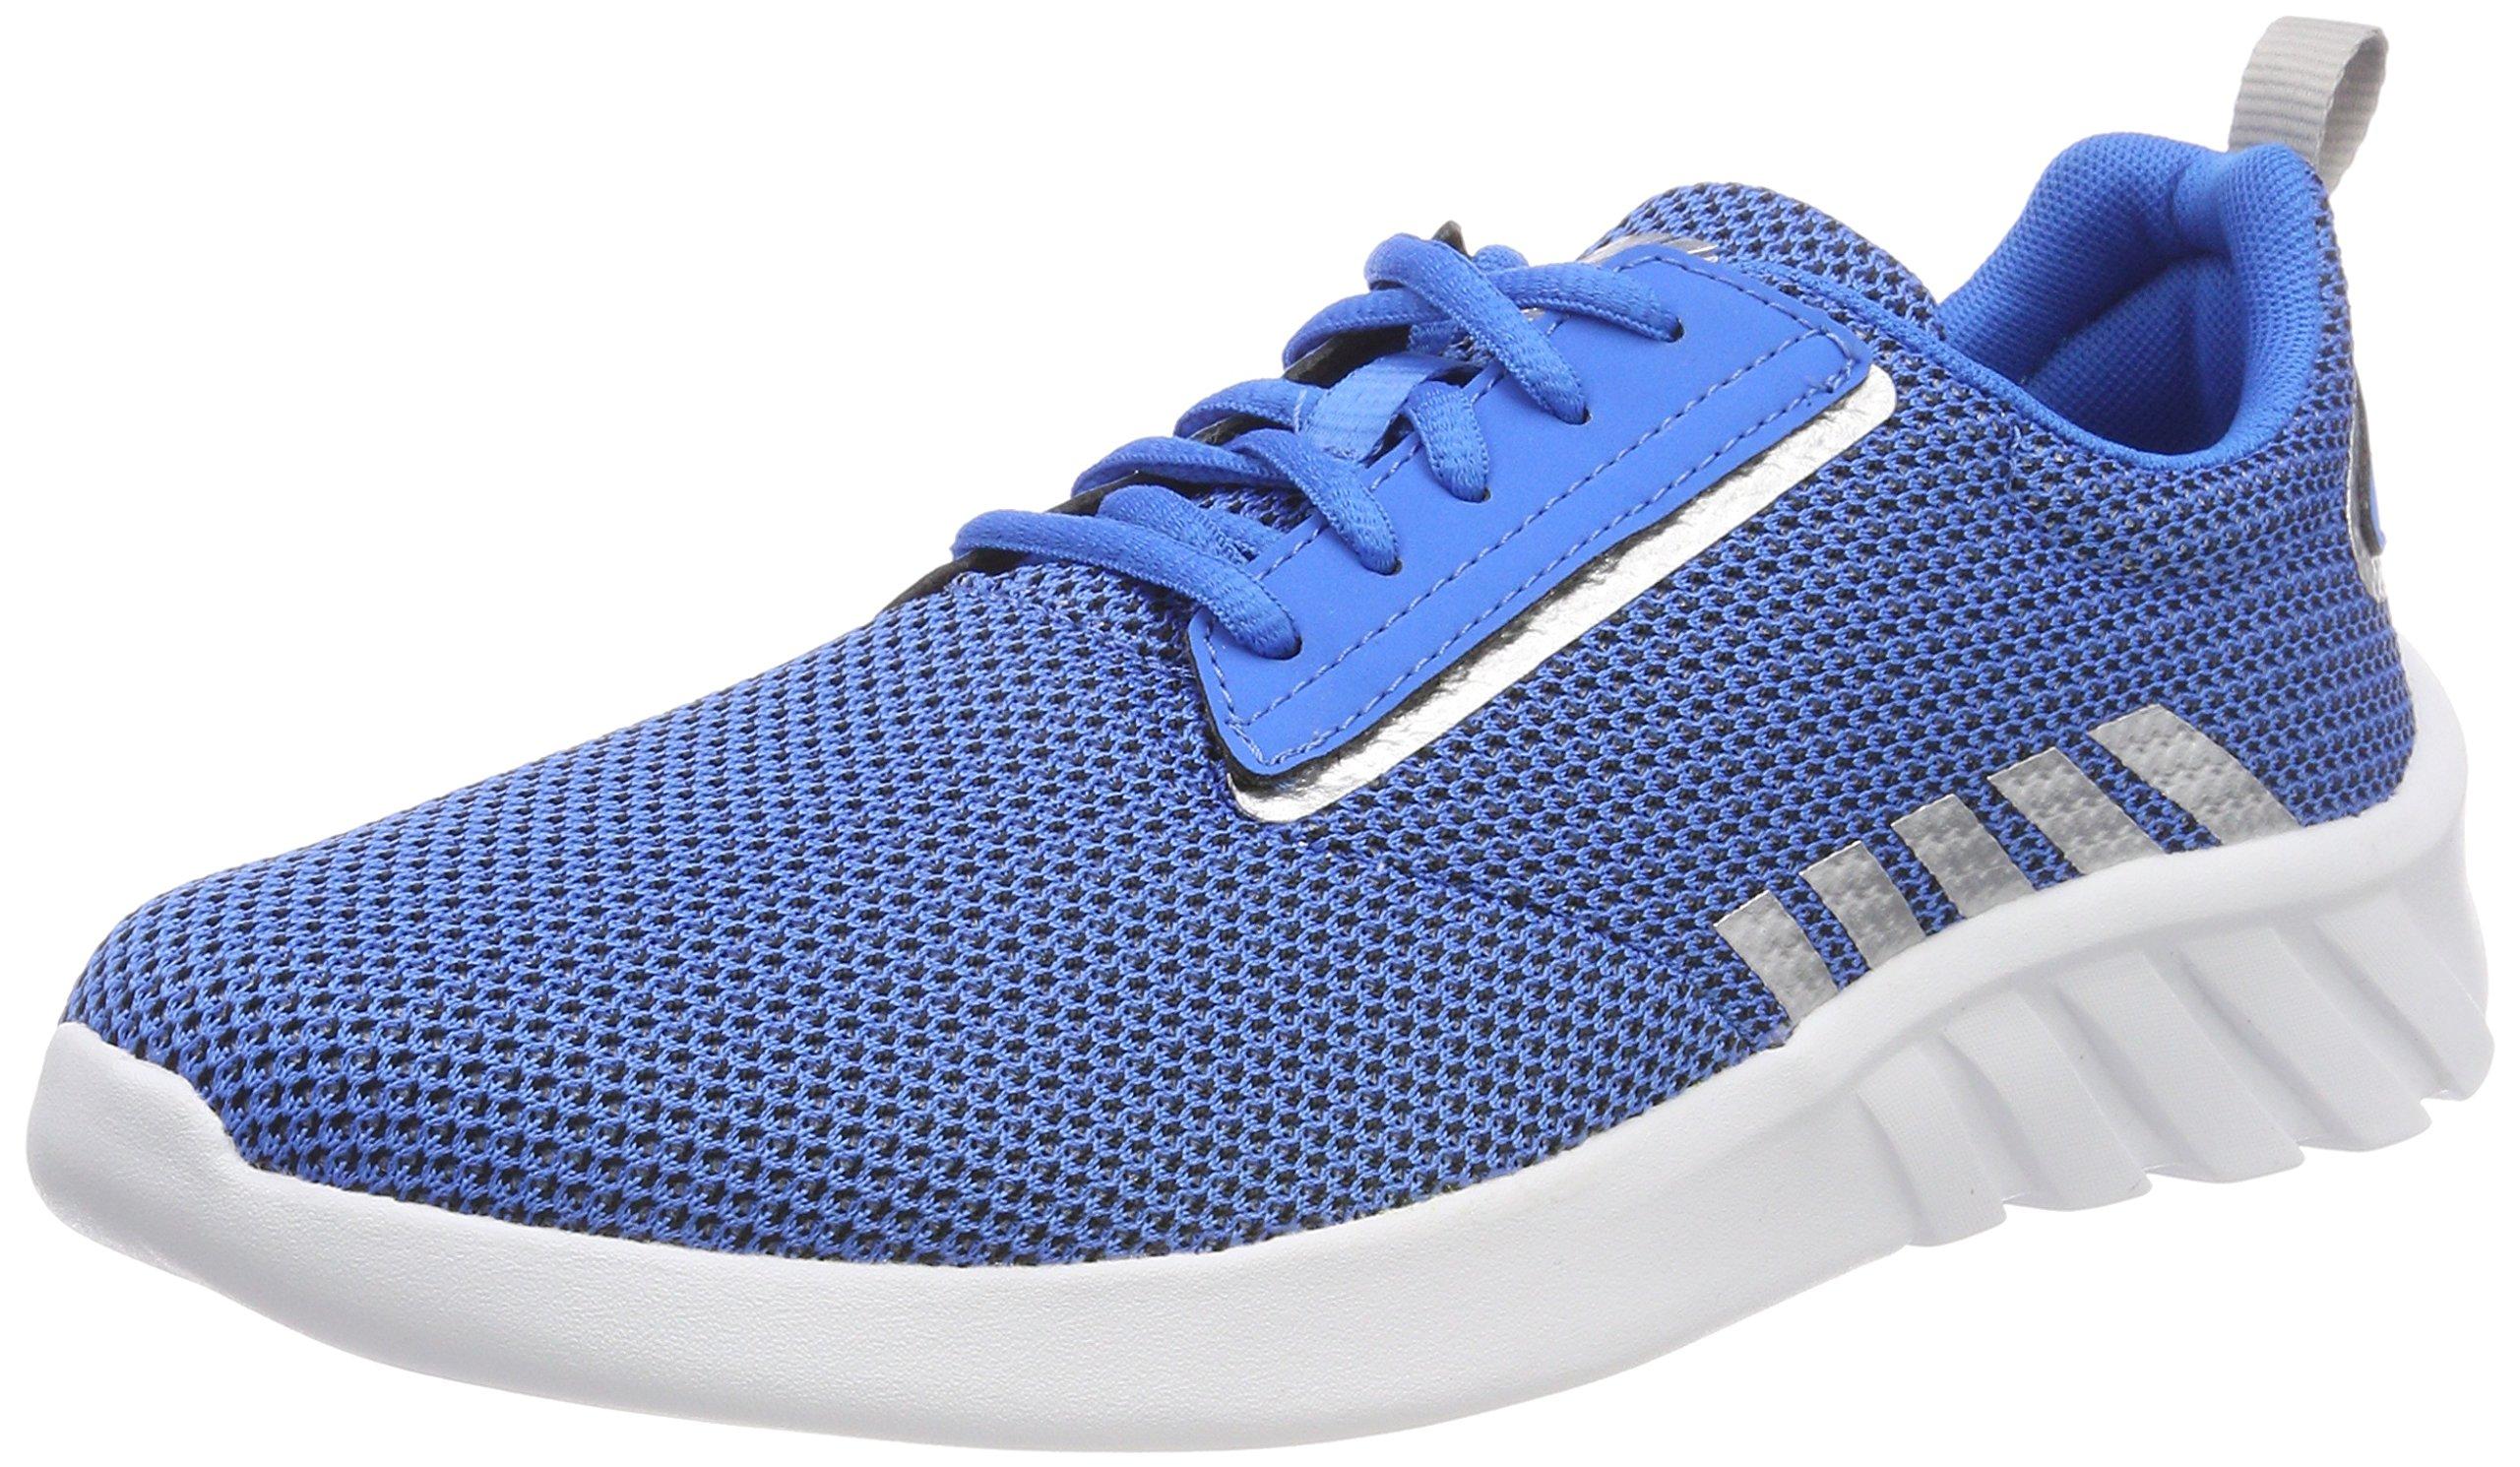 HommeBleustrong 44743 Blue silver K Basses Eu swiss AeronautSneakers LUMqVpzSG